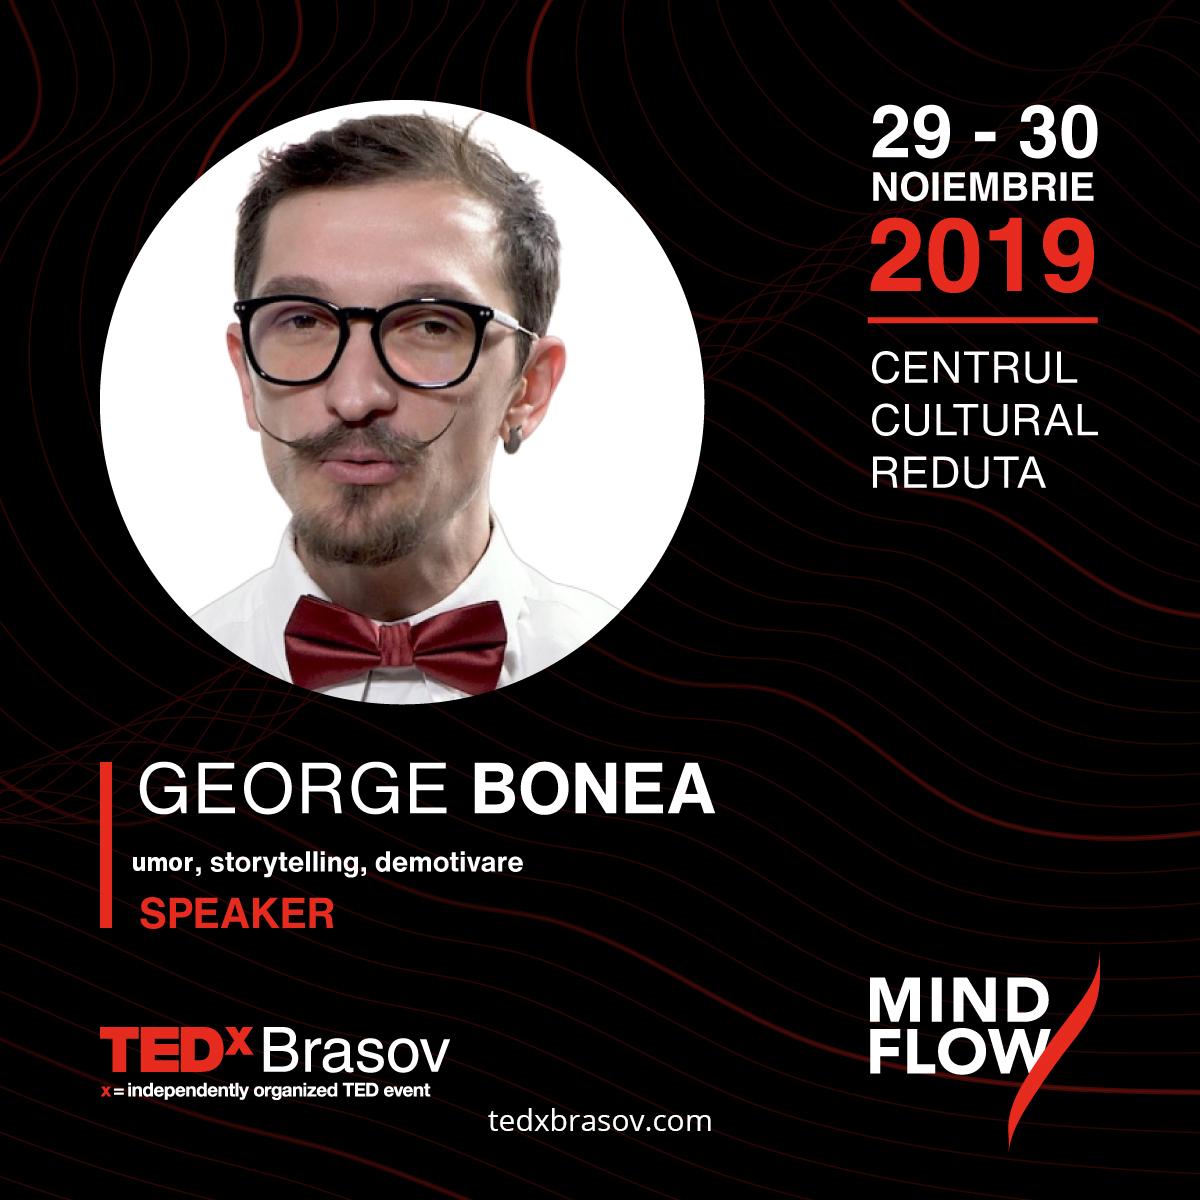 În timp ce speakerii motivaționali se ocupă cu input-uri emoționale speakerul DEmotivațional George Bonea se ocupă cu output-uri emoționale.